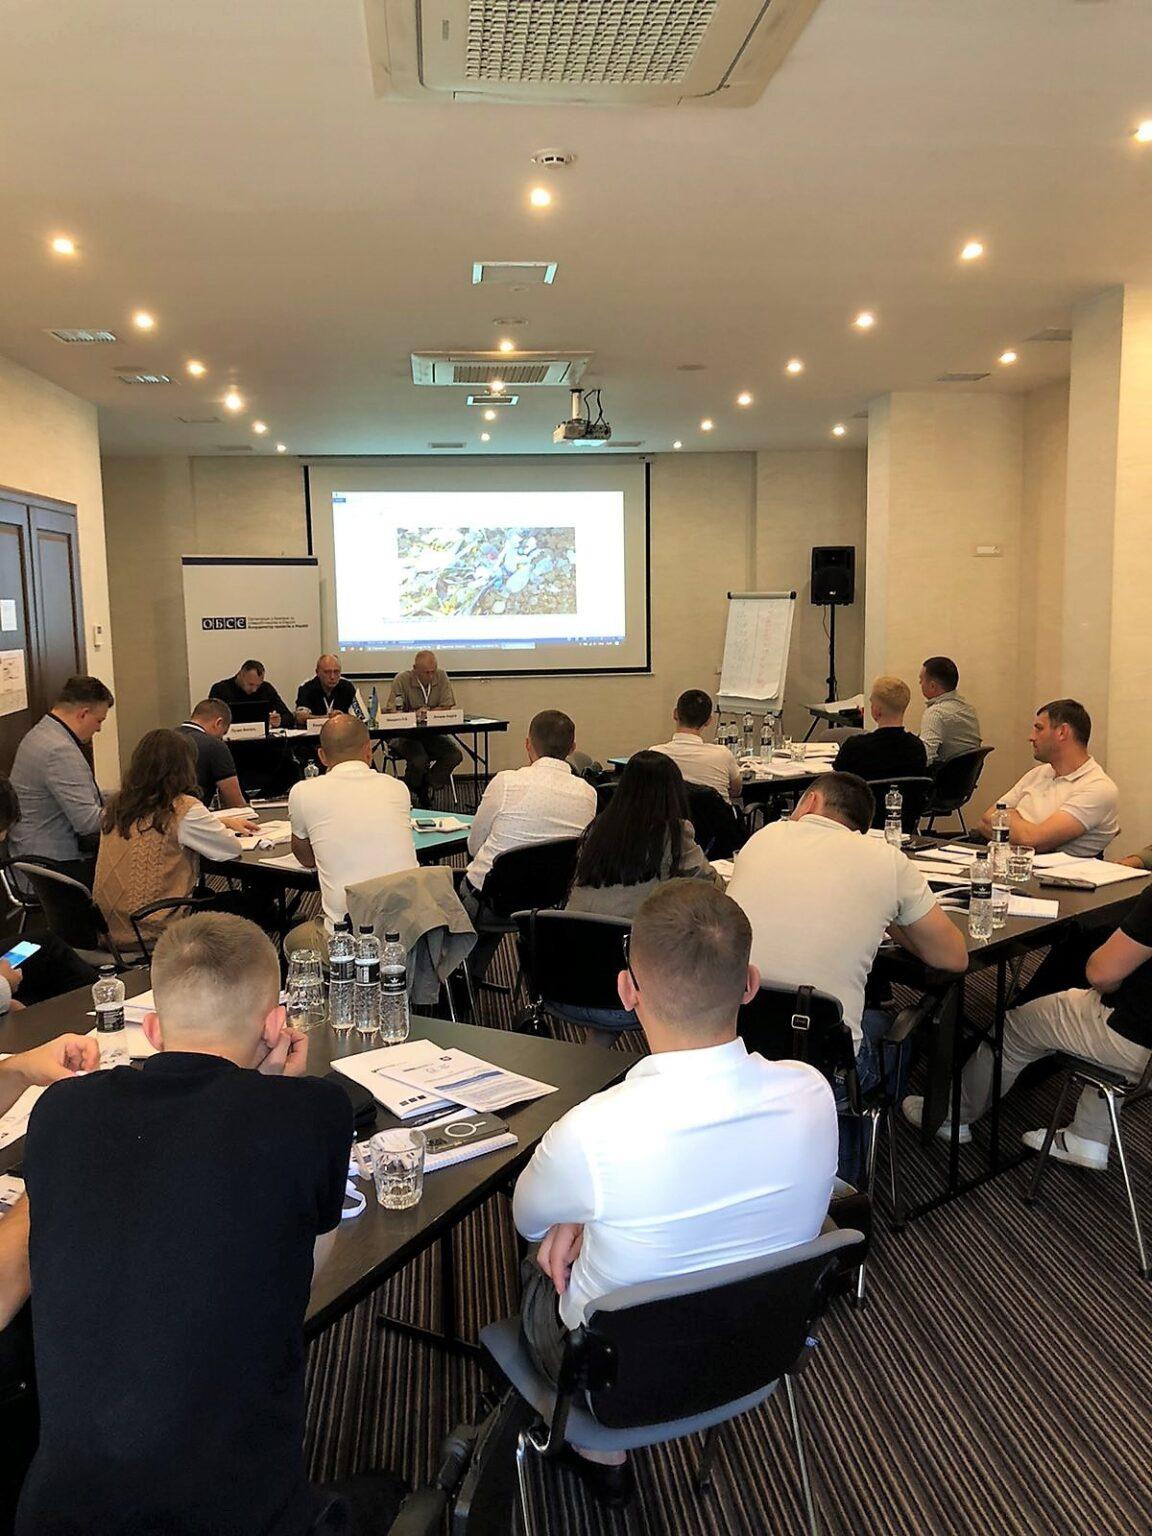 Експерт КНДІСЕ Олександр Шмерего взяв участь у тренінгу для співробітників слідчих та оперативних підрозділів Державного бюро розслідувань